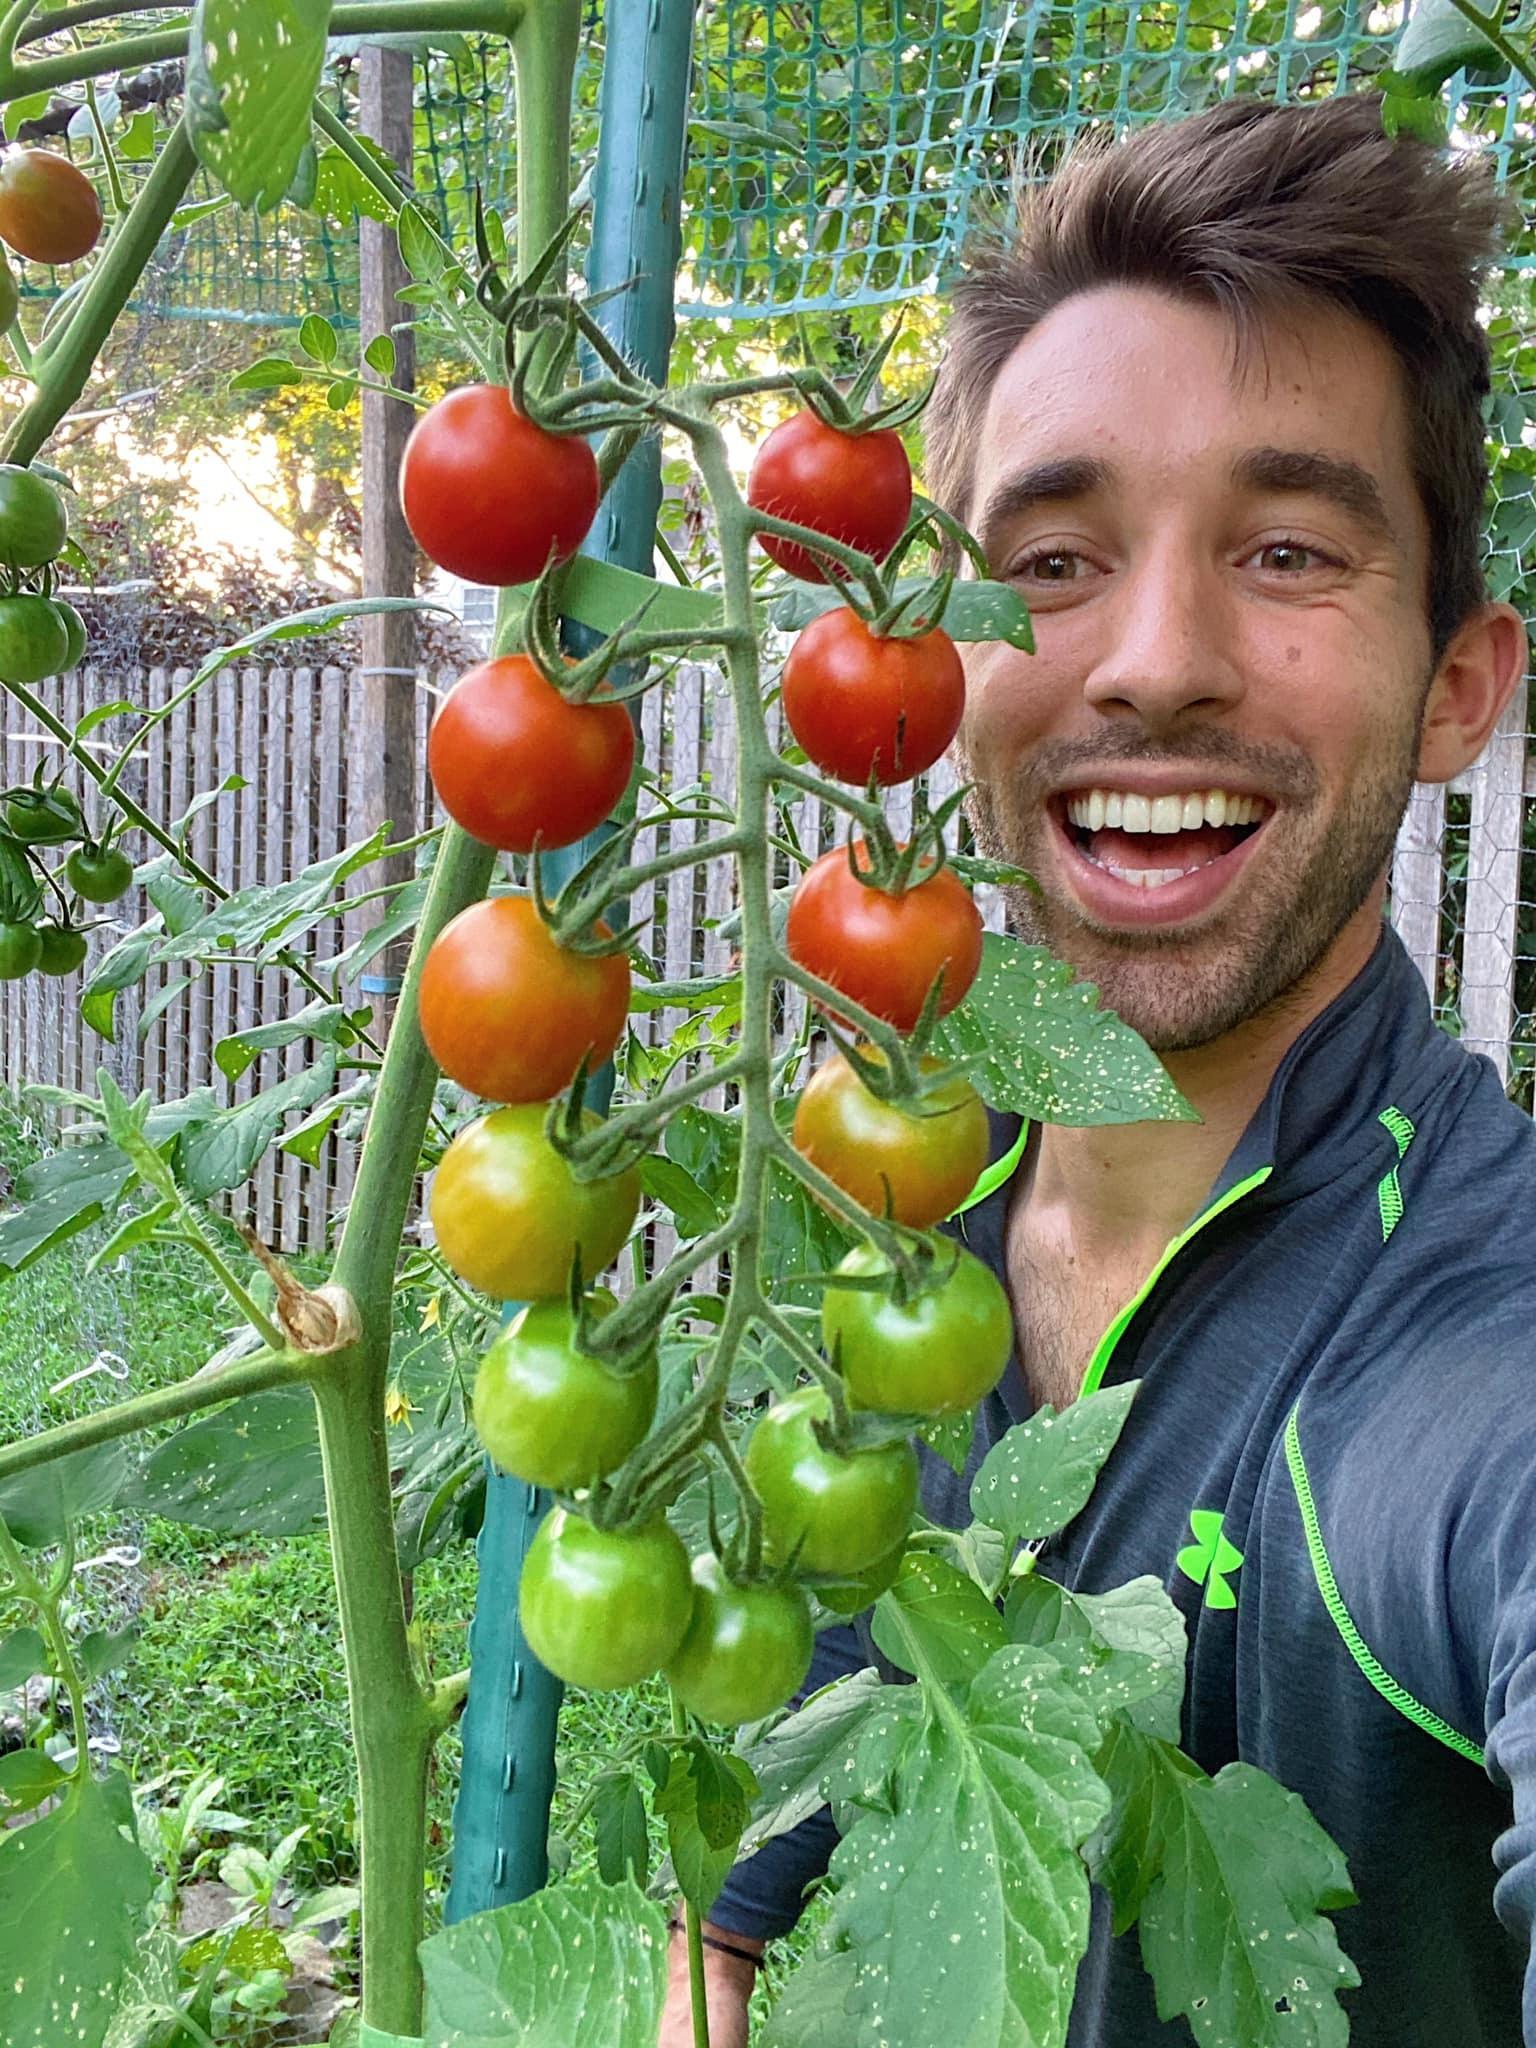 Anh chàng điển trai sở hữu khu vườn đẹp phát ngôn sốc 'thiên nhiên không phải đồ nội thất'